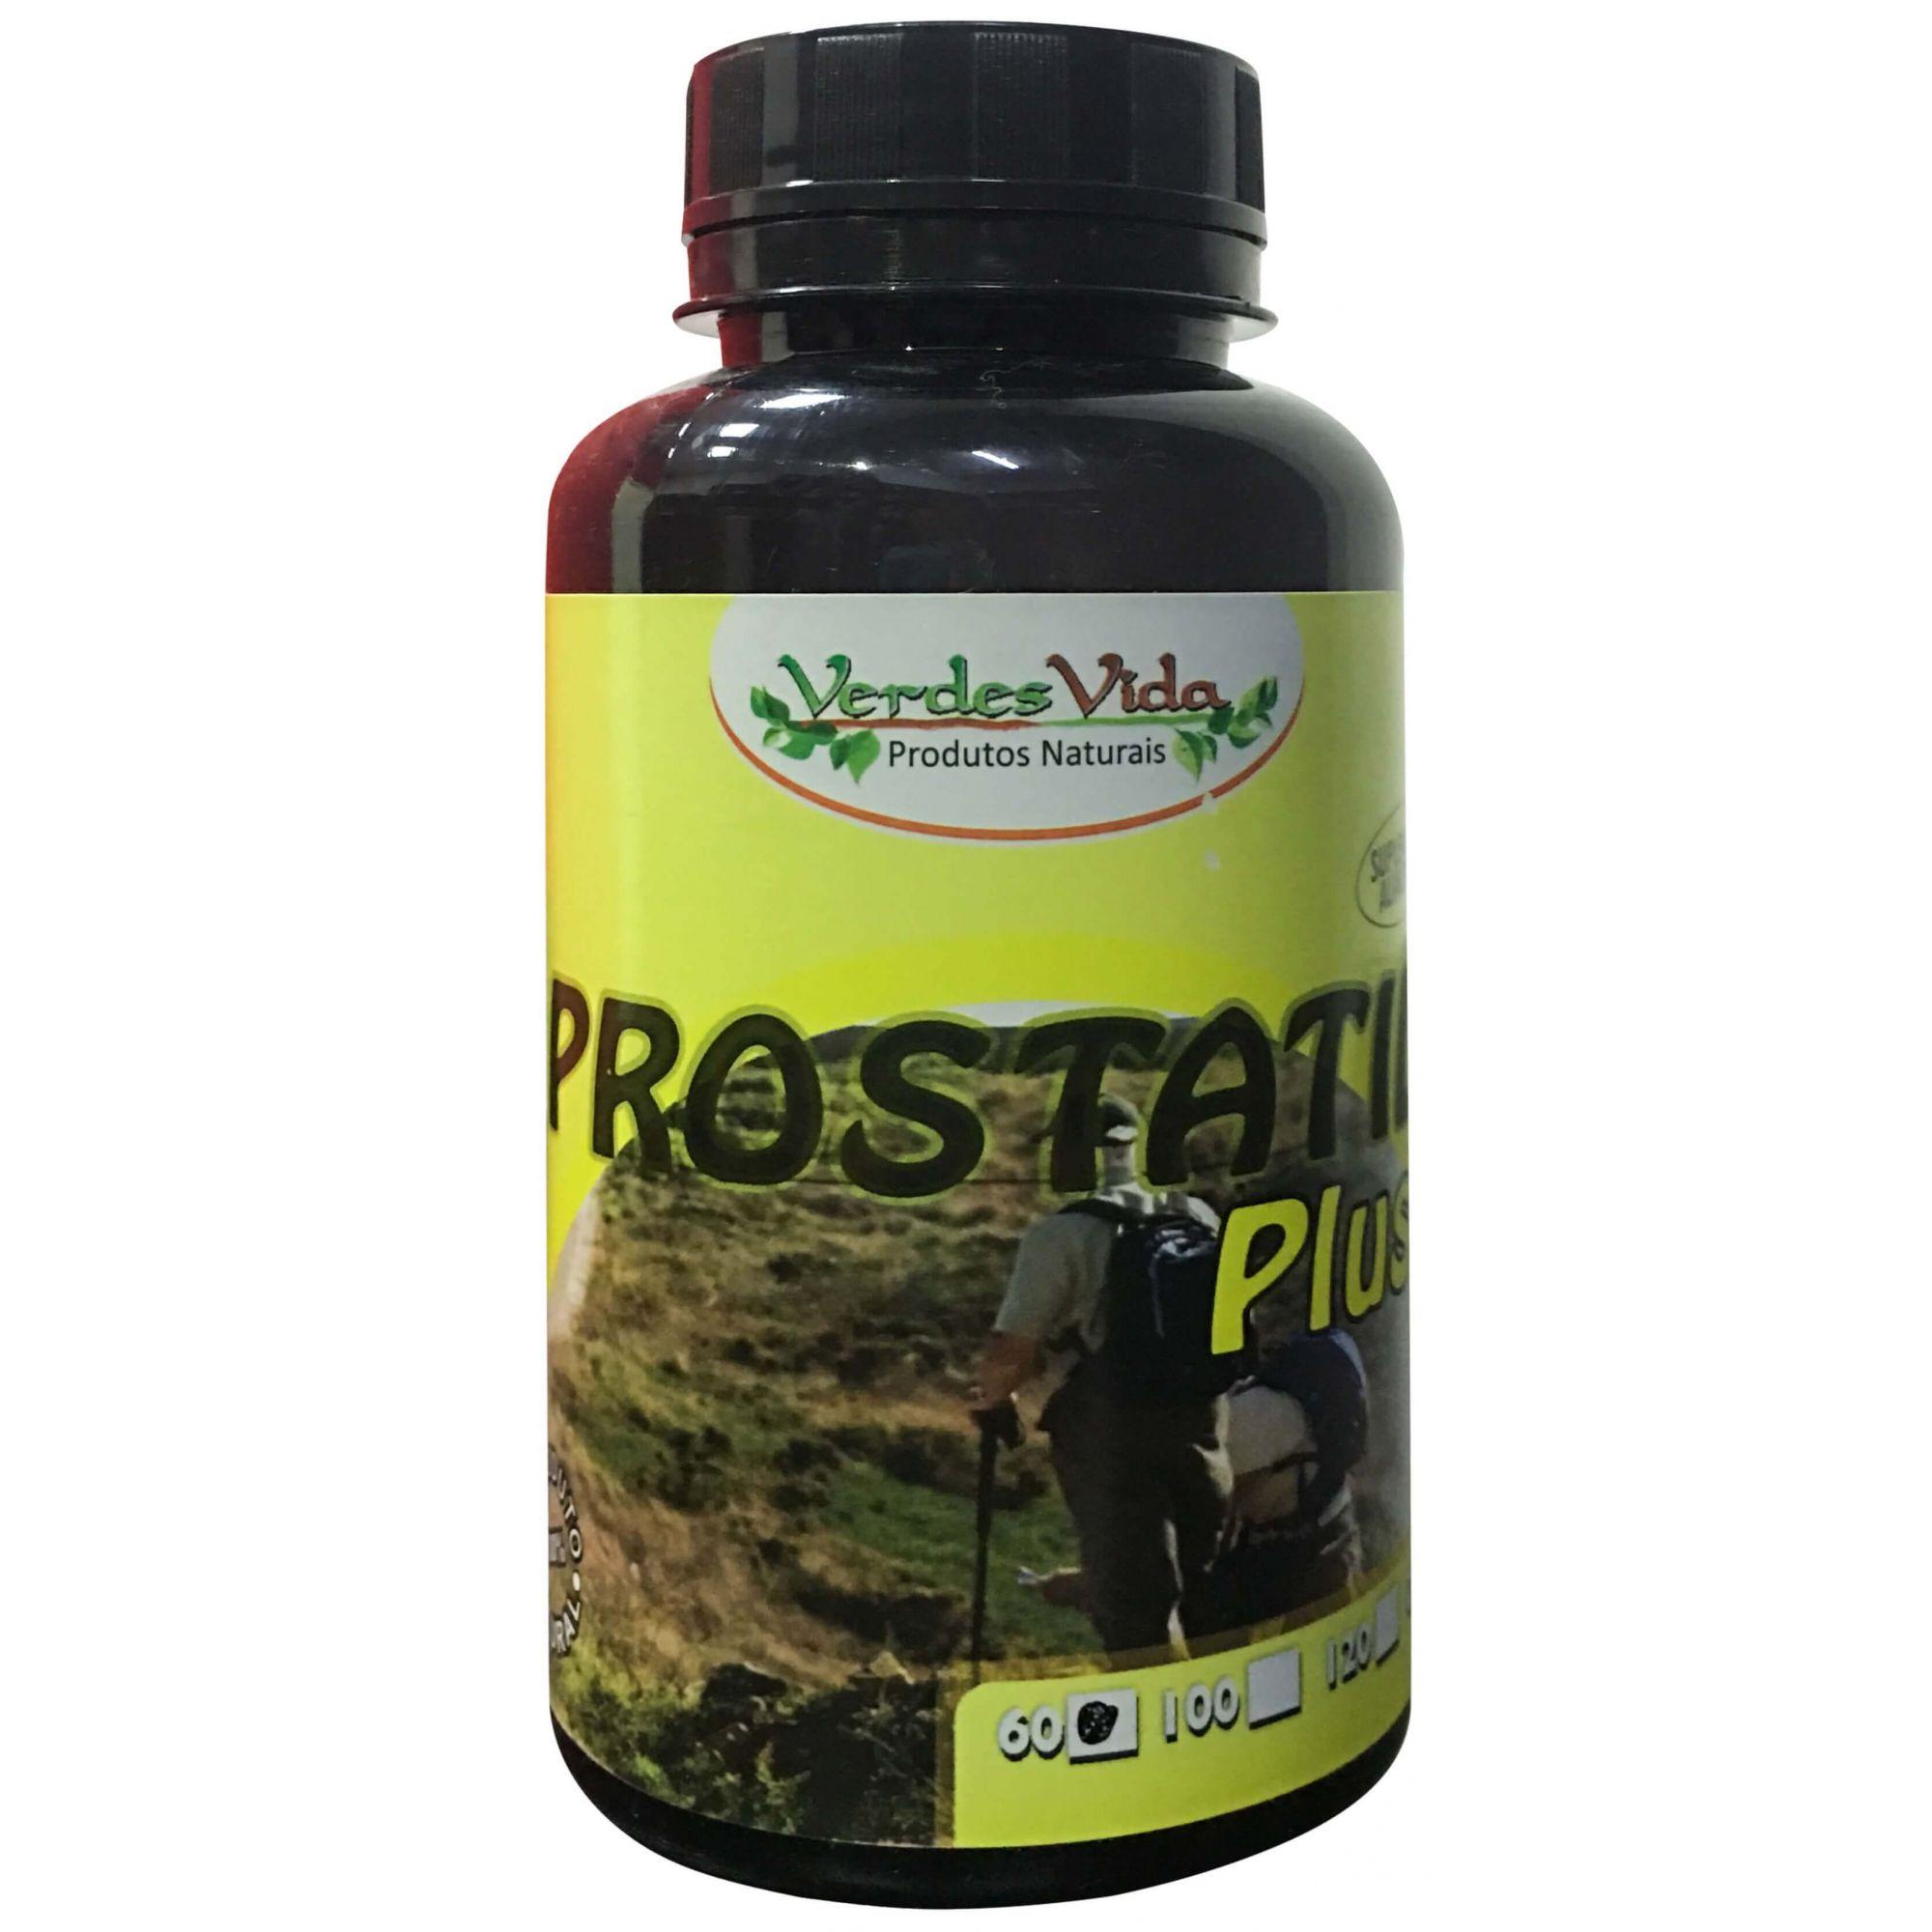 Prostatil Plus Verdes Vida - 60 caps